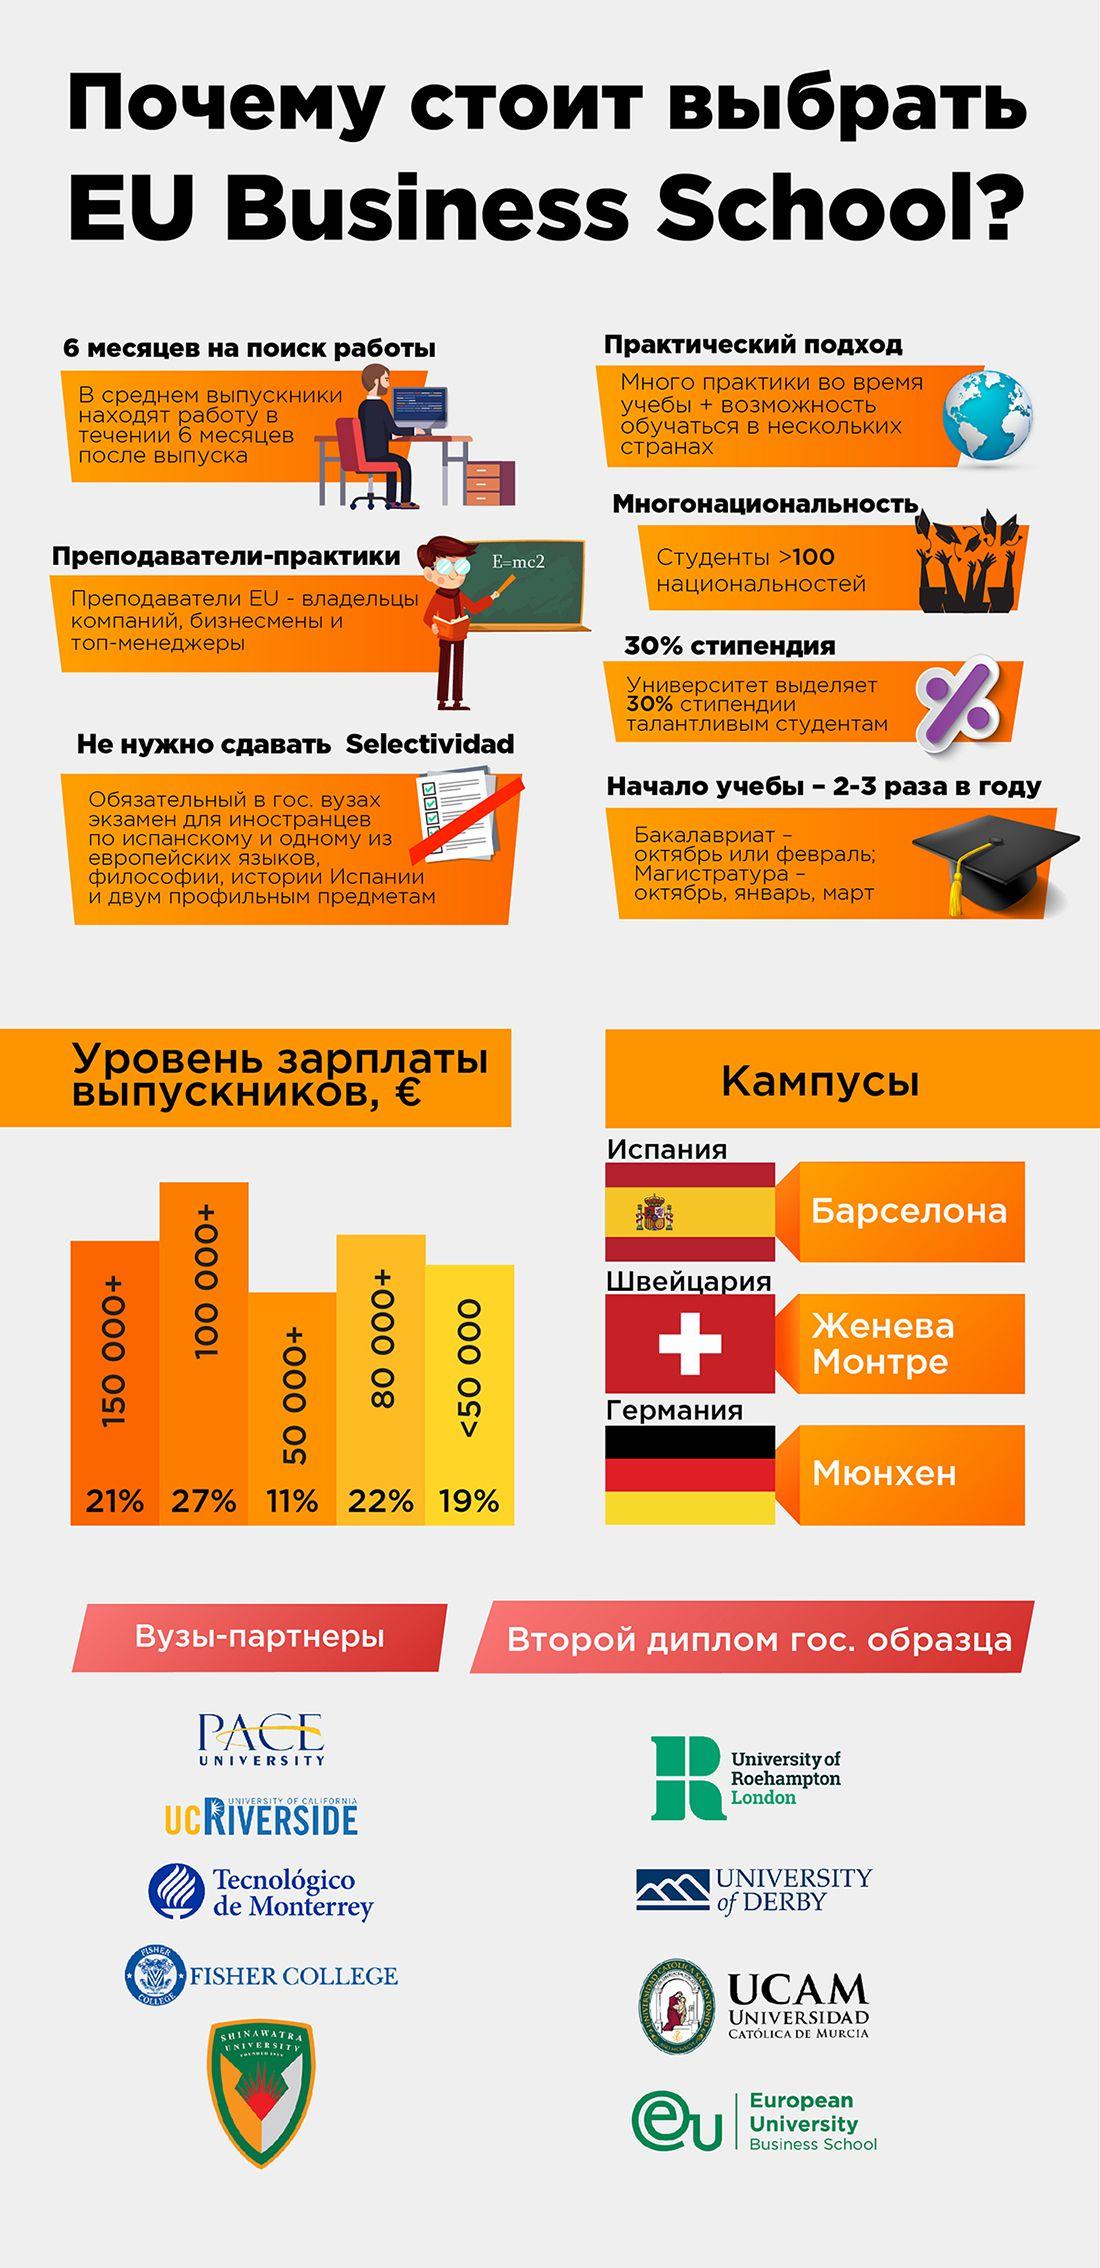 EU Business School: трамплин в реальный бизнес. Фото - 8